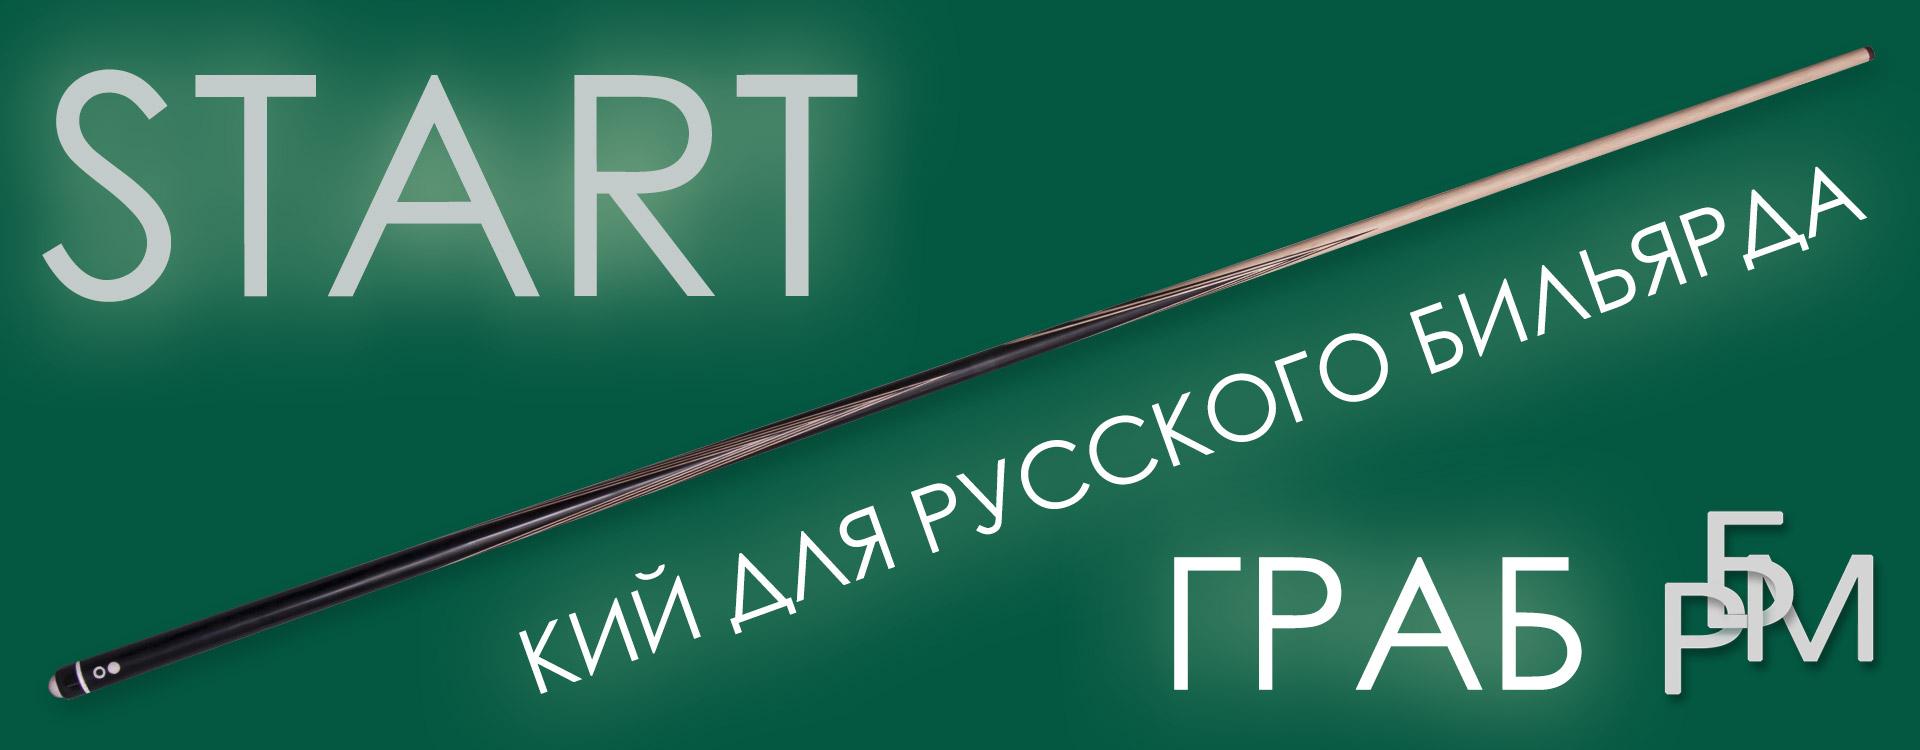 Кий для русского бильярда — START